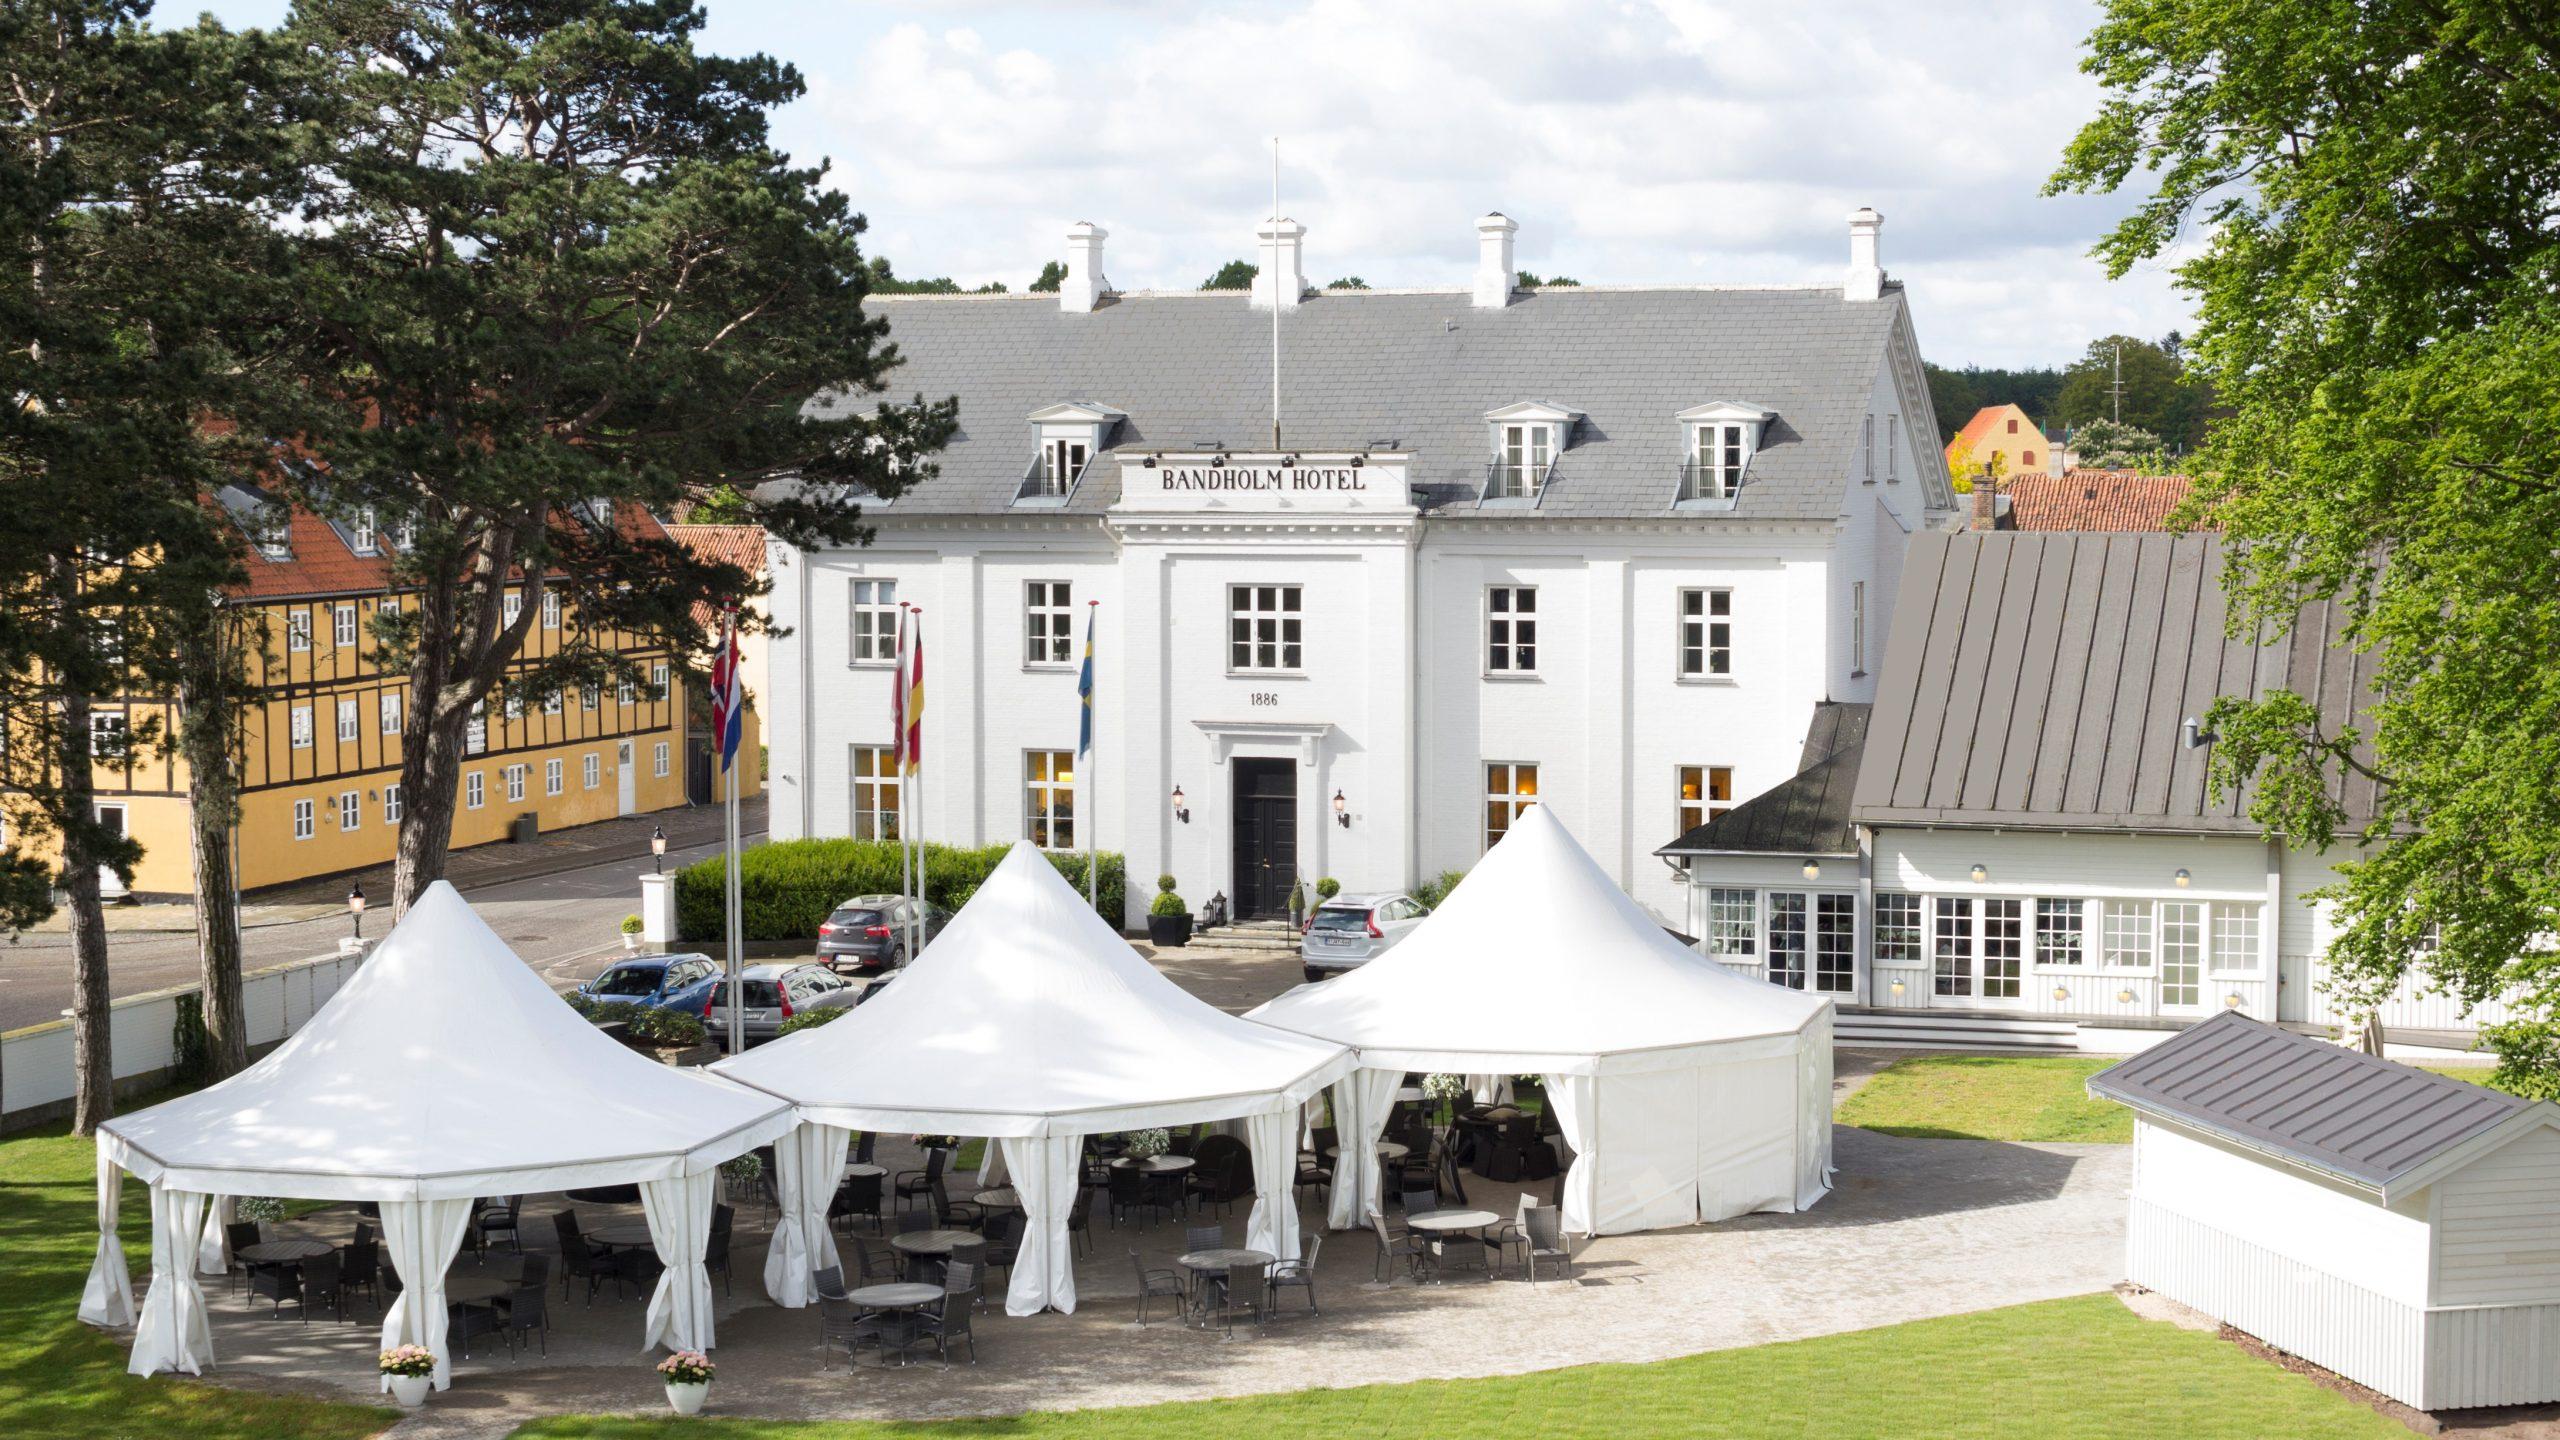 Bandholm Hotel på Lolland fik sidste år nye ejere, de er nu ved at gøre ejerkredsen større forud for kommende investeringer i flere værelser, ny restaurant og poolområde. PR-foto.